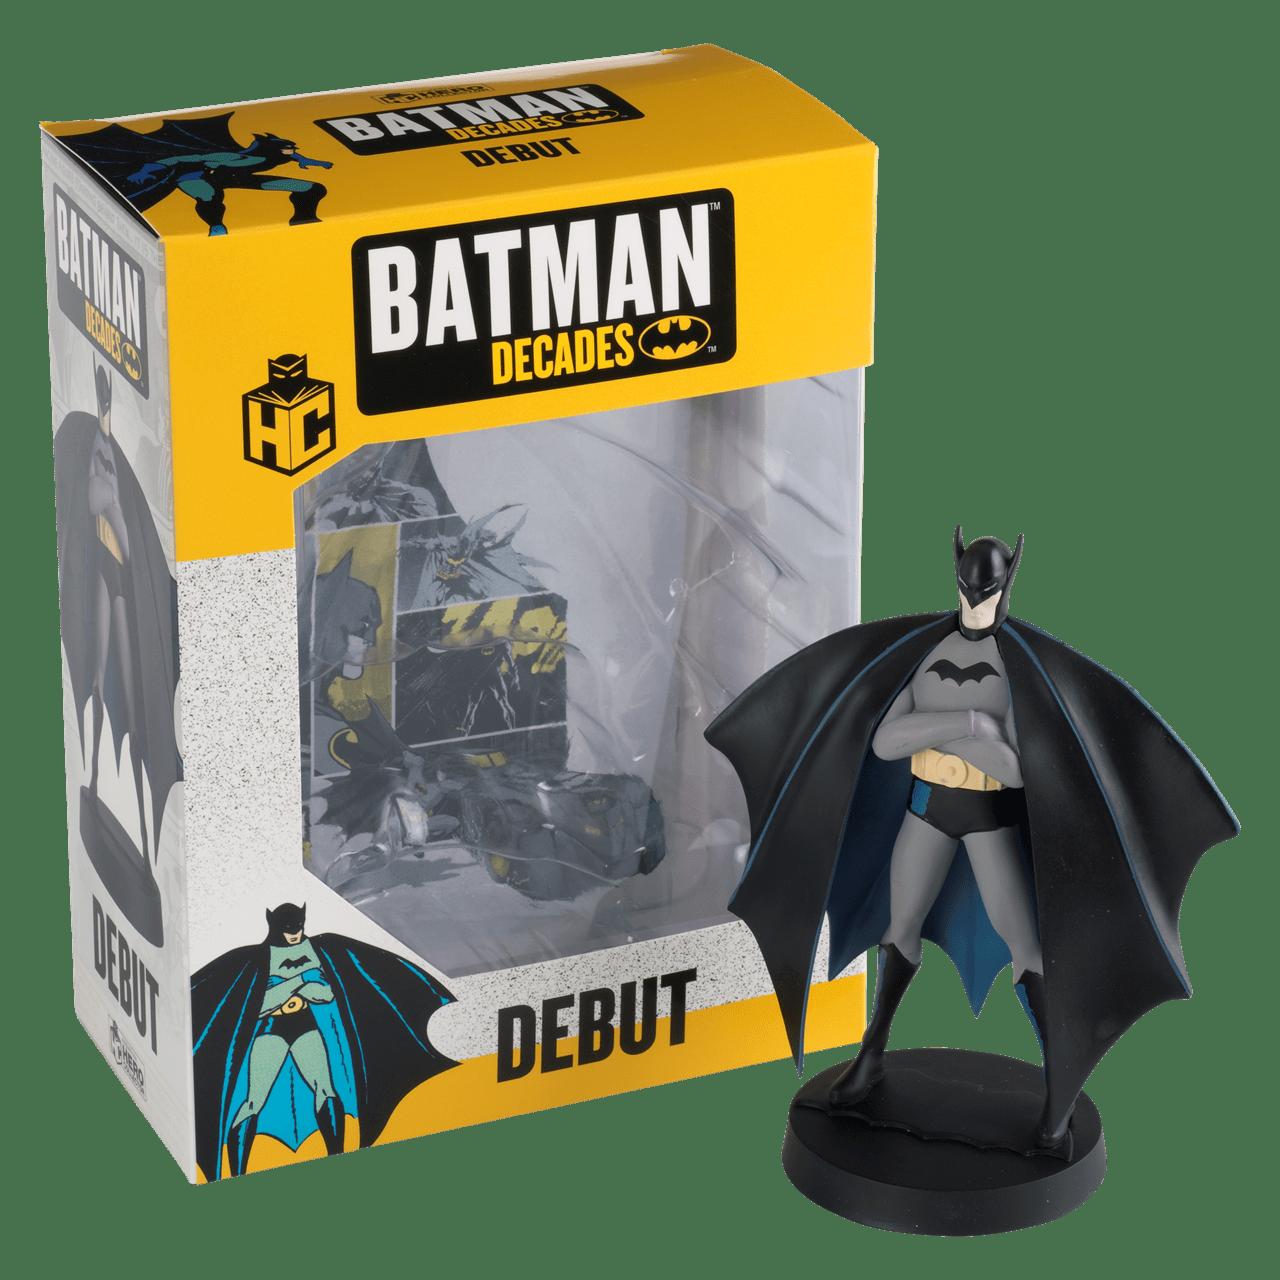 Batman Decades Debut Figurine: Hero Collector - 3